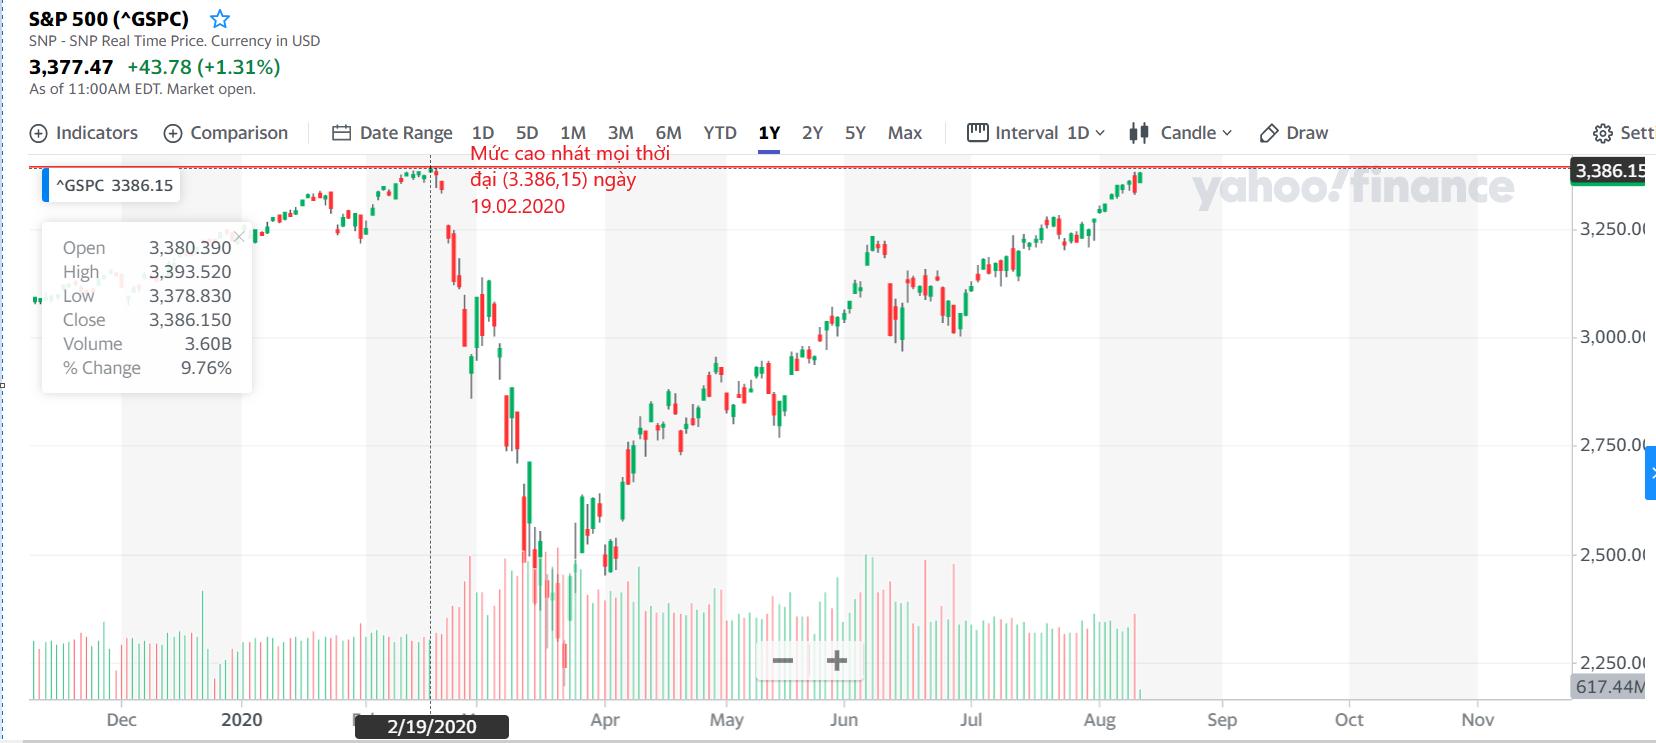 Nhan dinh S&P 500